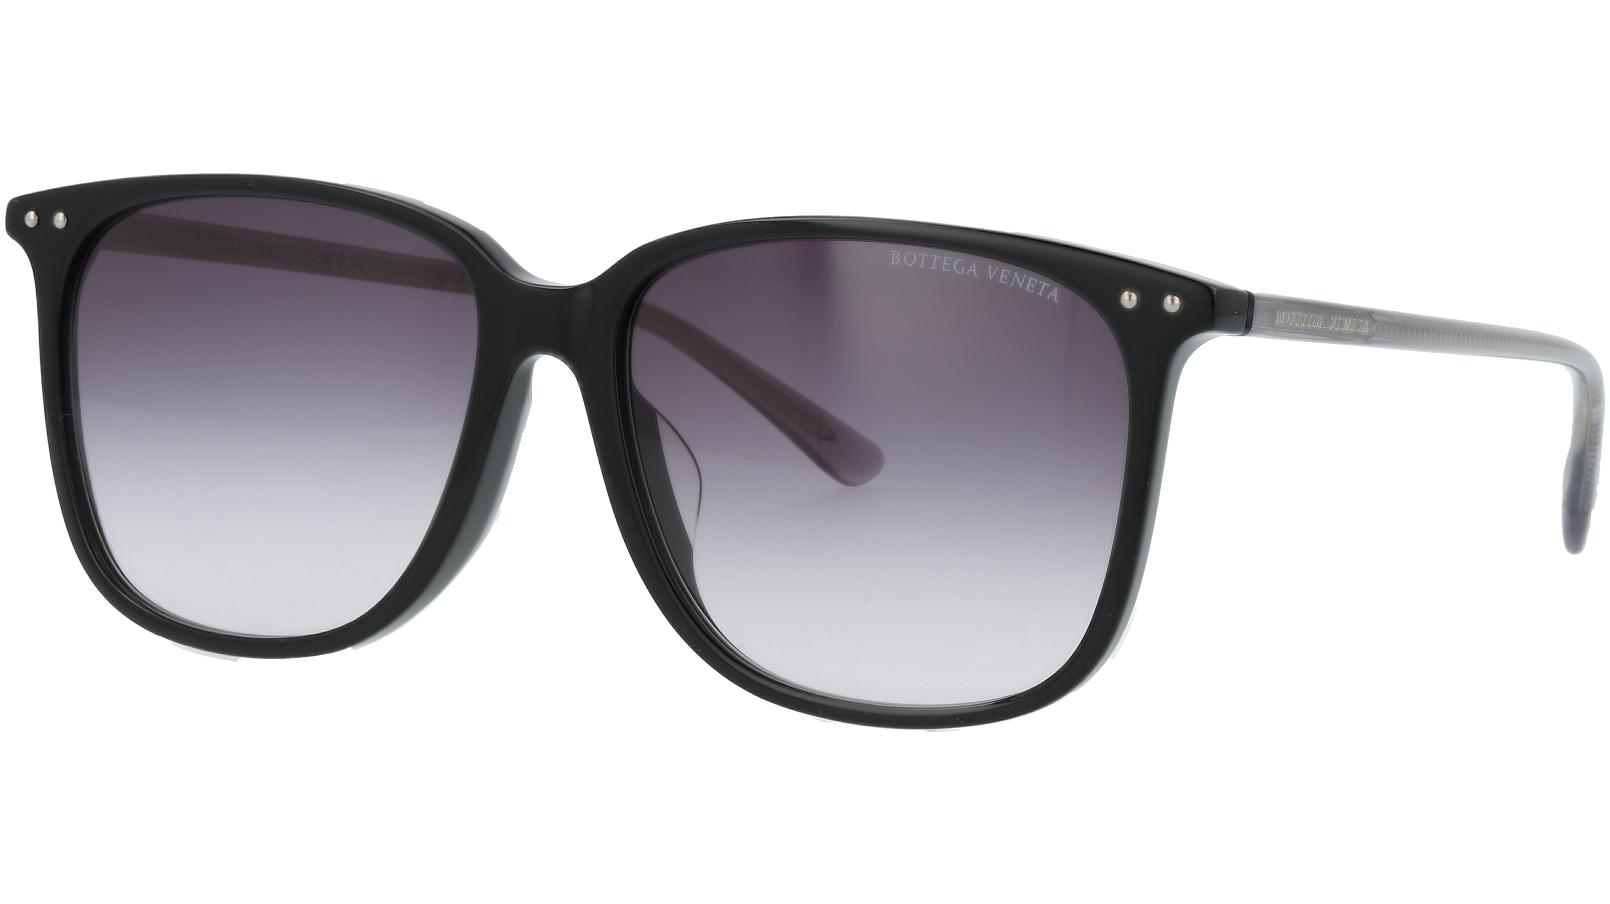 BOTTEGA VENETA BV0191SA 001 58 BLACK Sunglasses